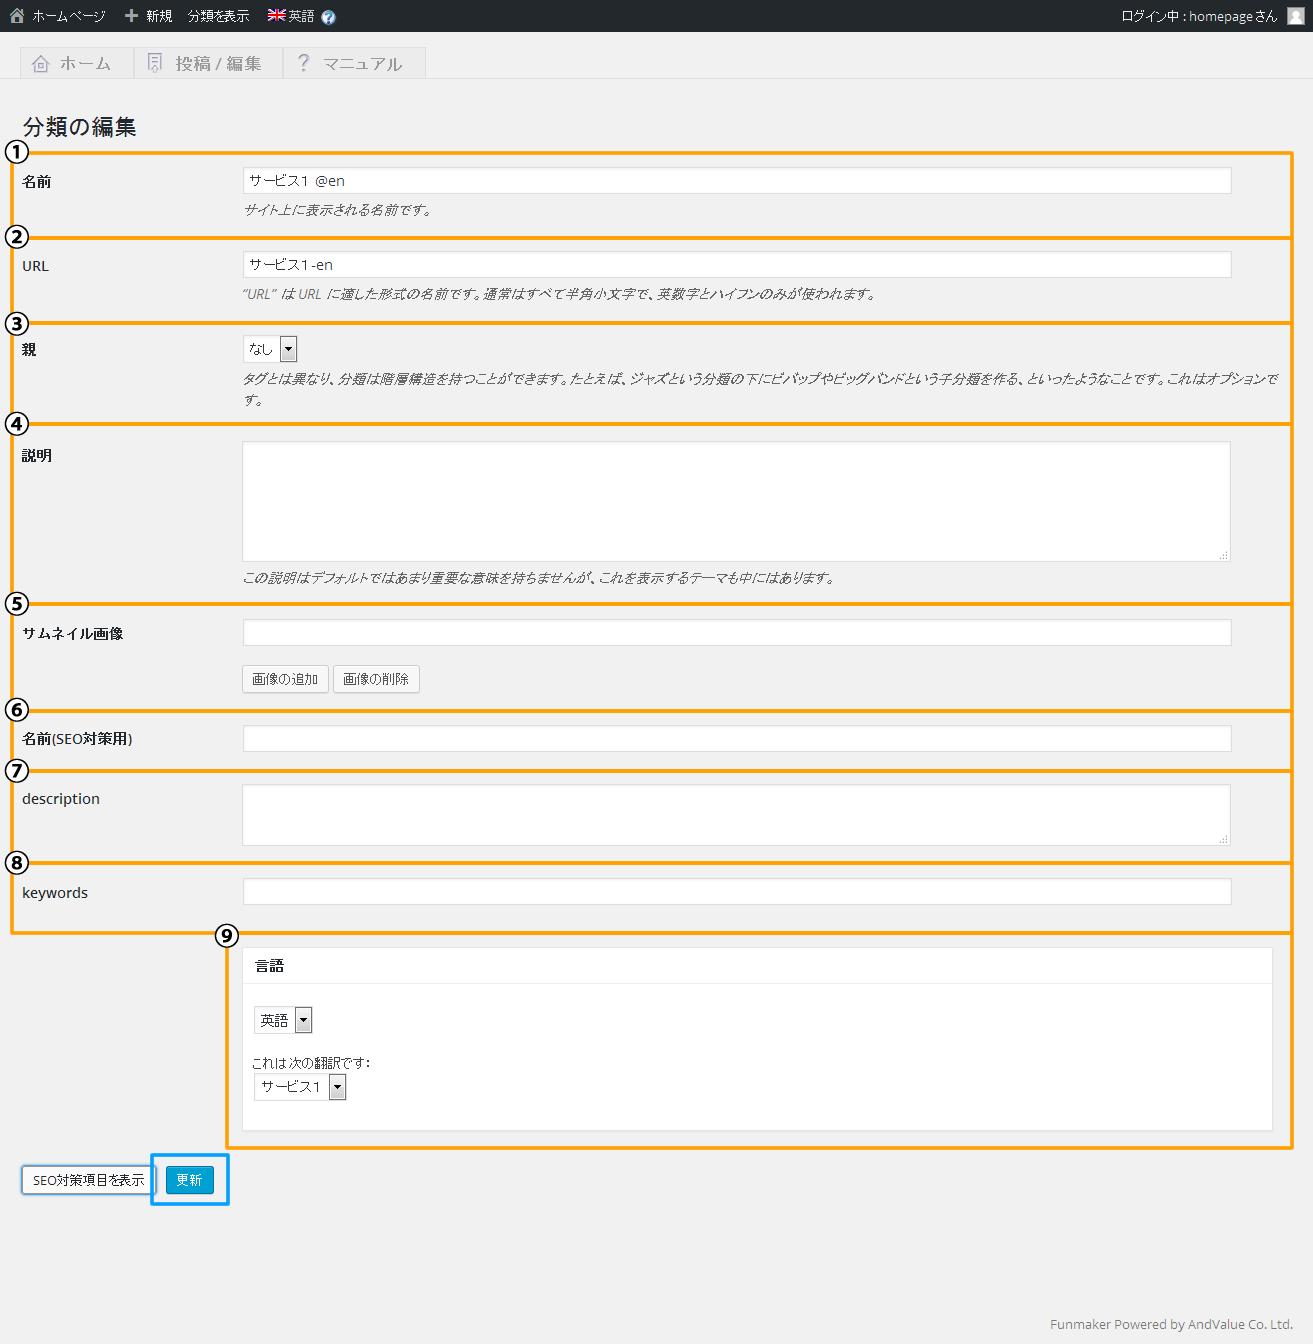 分類 編集画面 SEO対策項目   初期費用無料ホームページ作成サイト - FunMaker